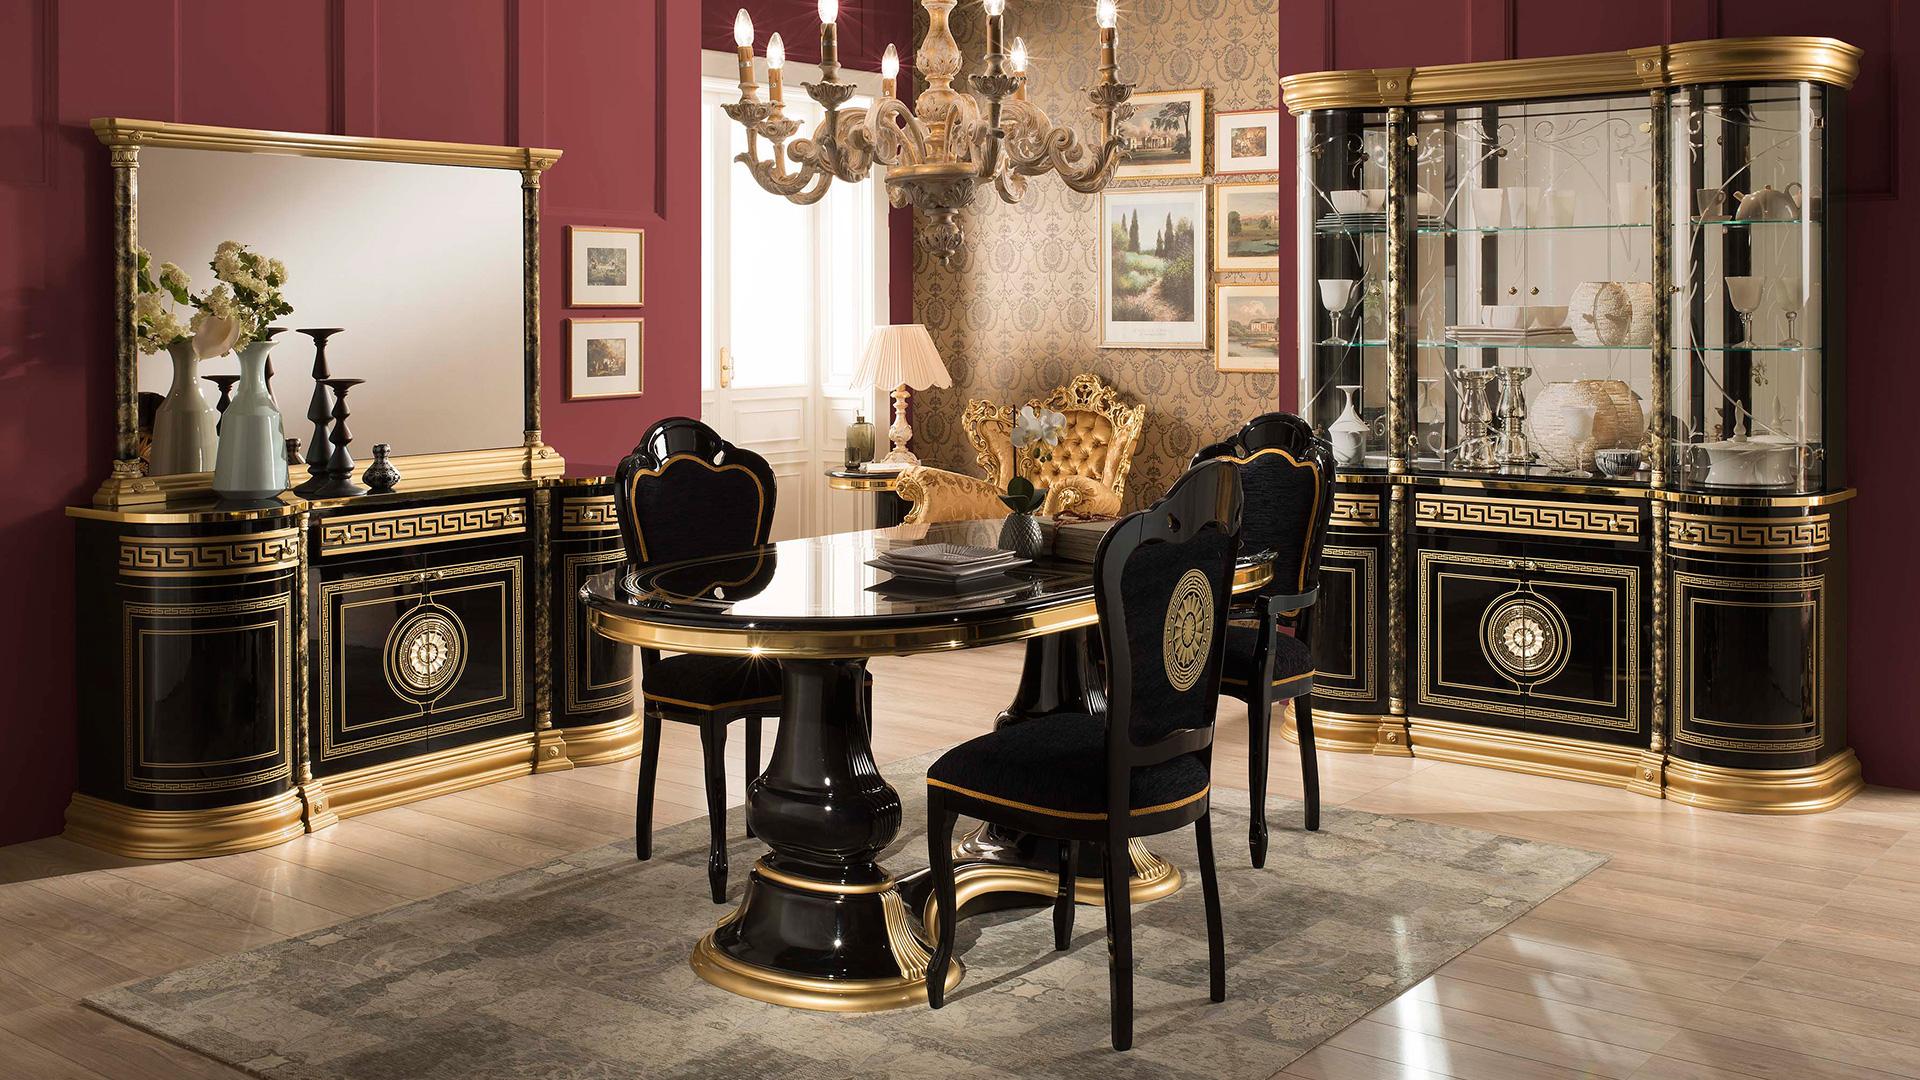 Ven s klassische esszimmer yuvam m belhaus in wuppertal for Italienische esszimmer